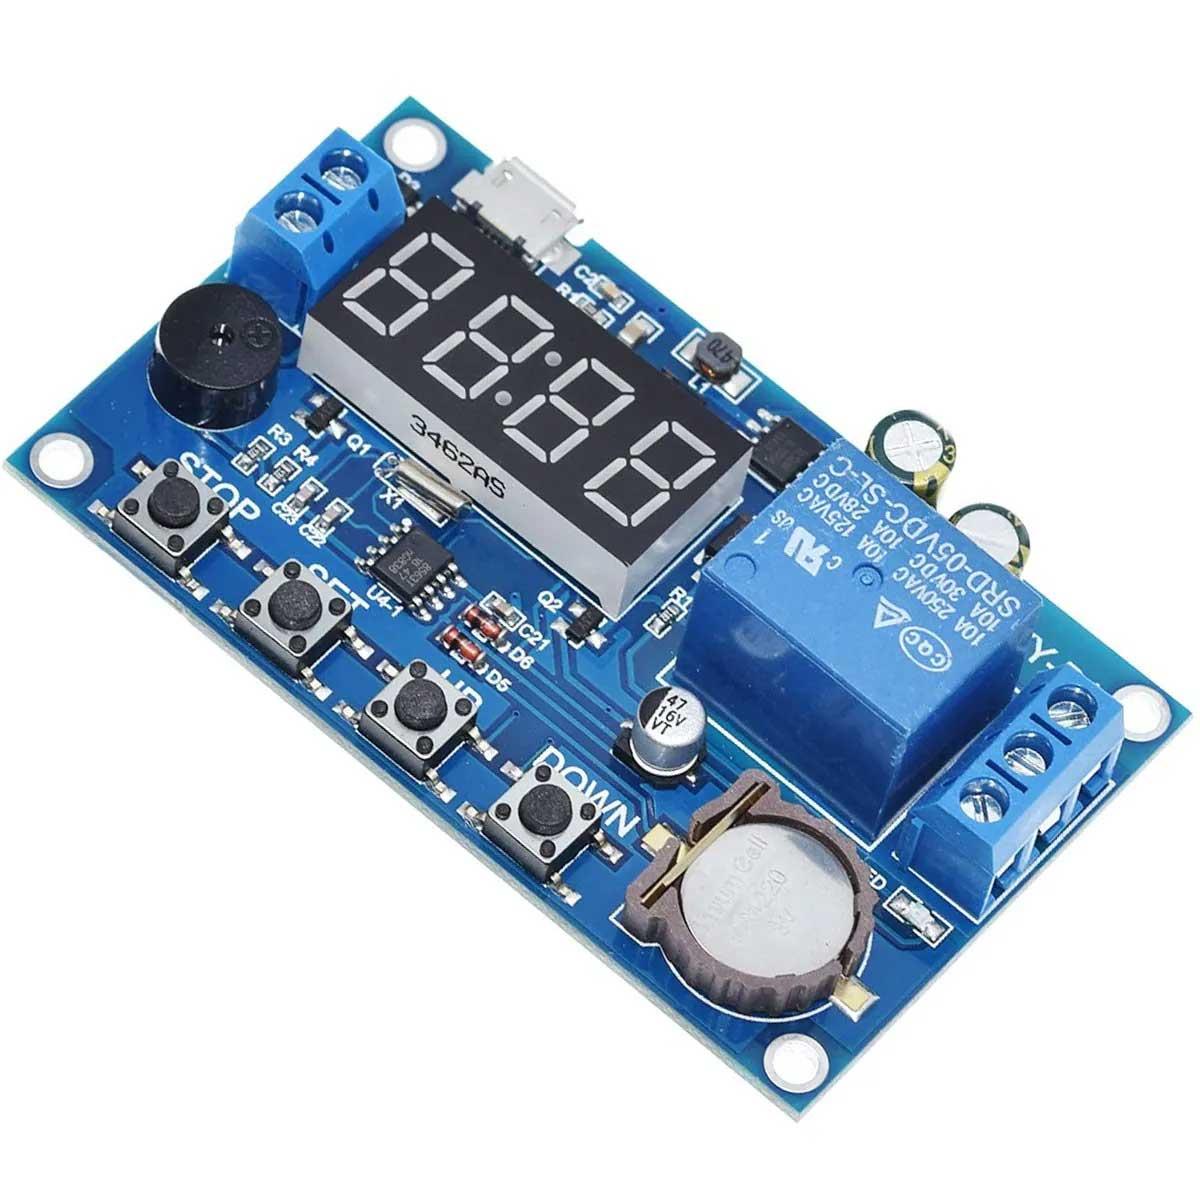 Módulo Relé Timer Temporizador Ajustável com Hora e 5 Programações com Bateria